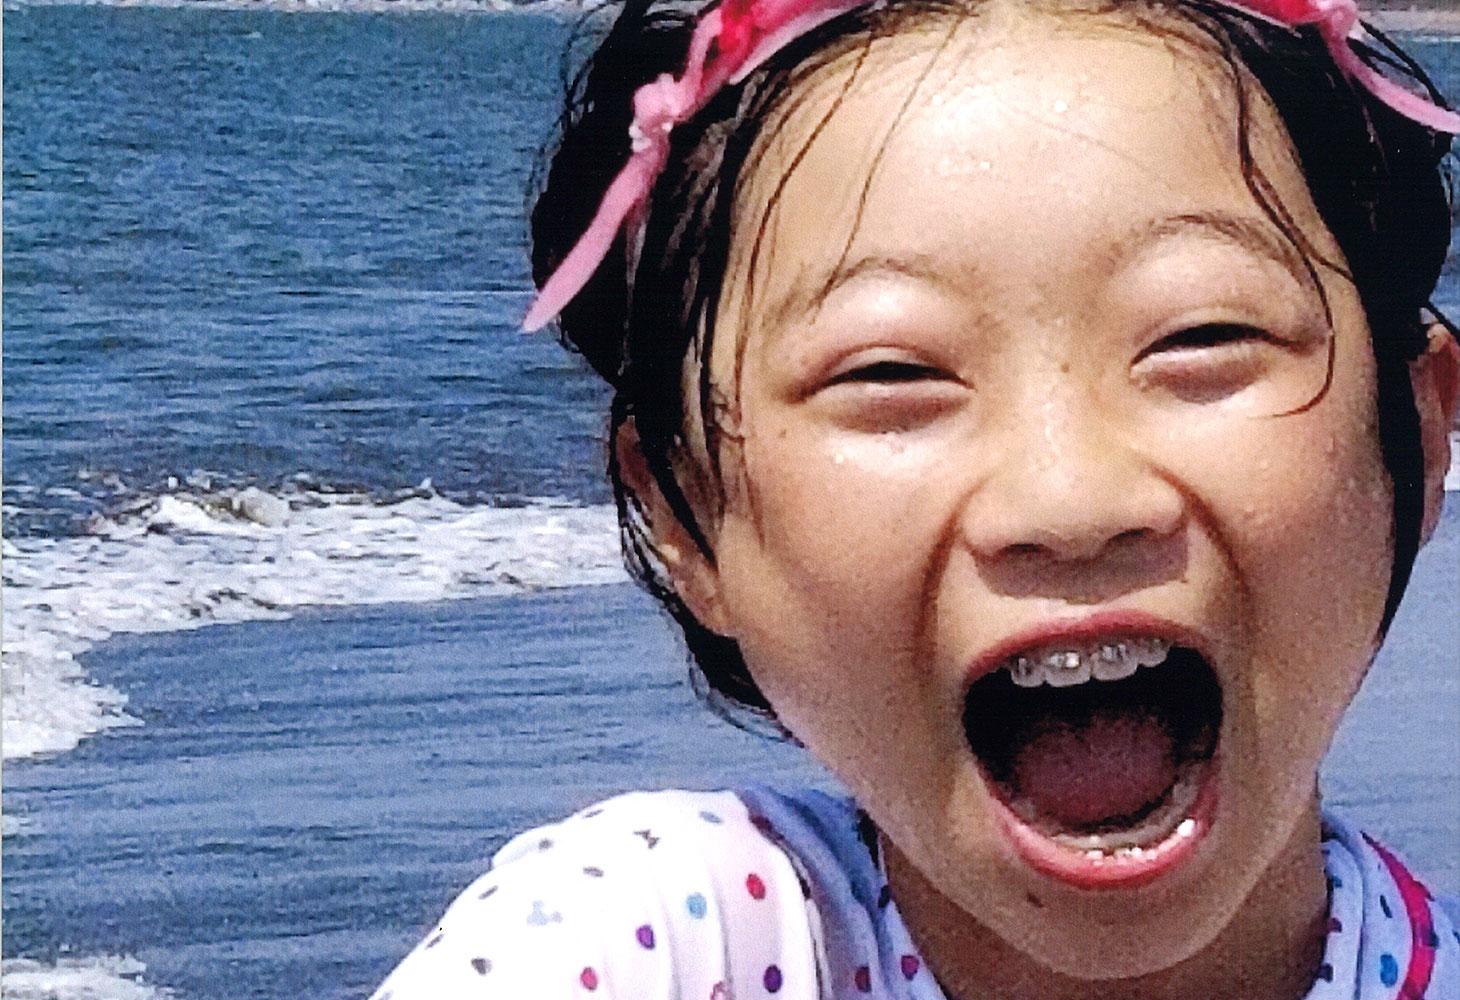 大会賞 「夏休み 笑顔はじける湘南の海」